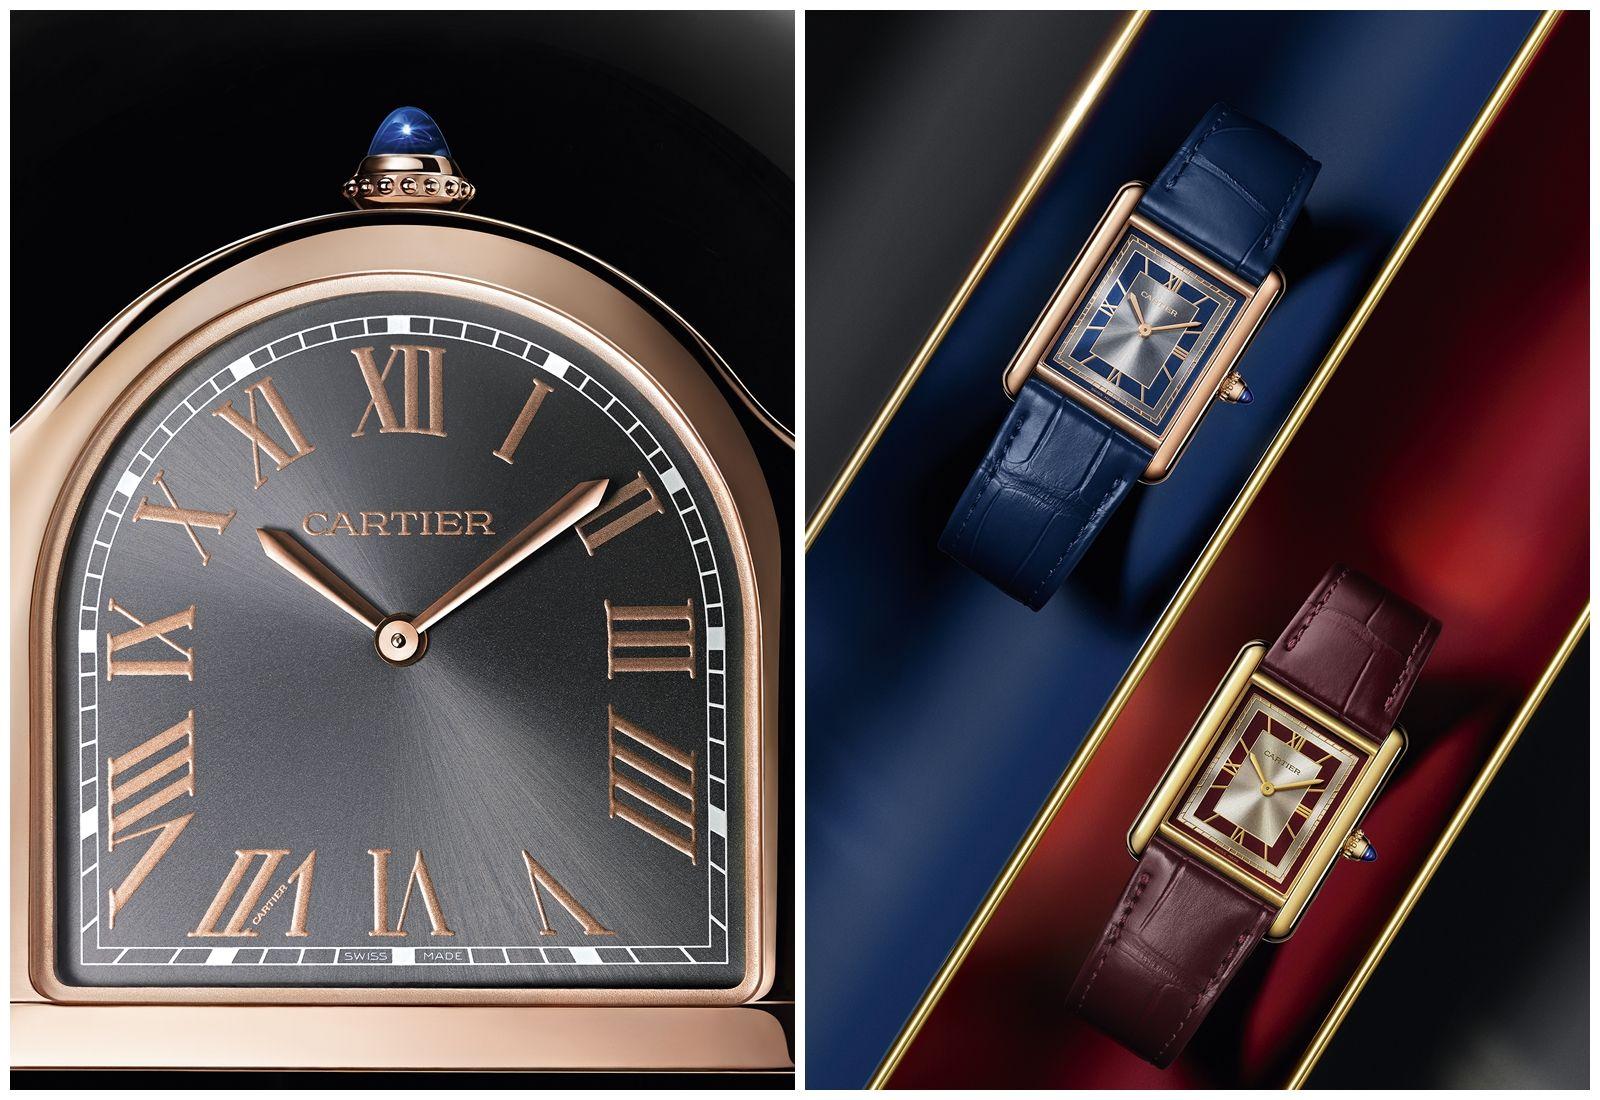 2021 Cartier新錶登場 不只比經典還要比創意